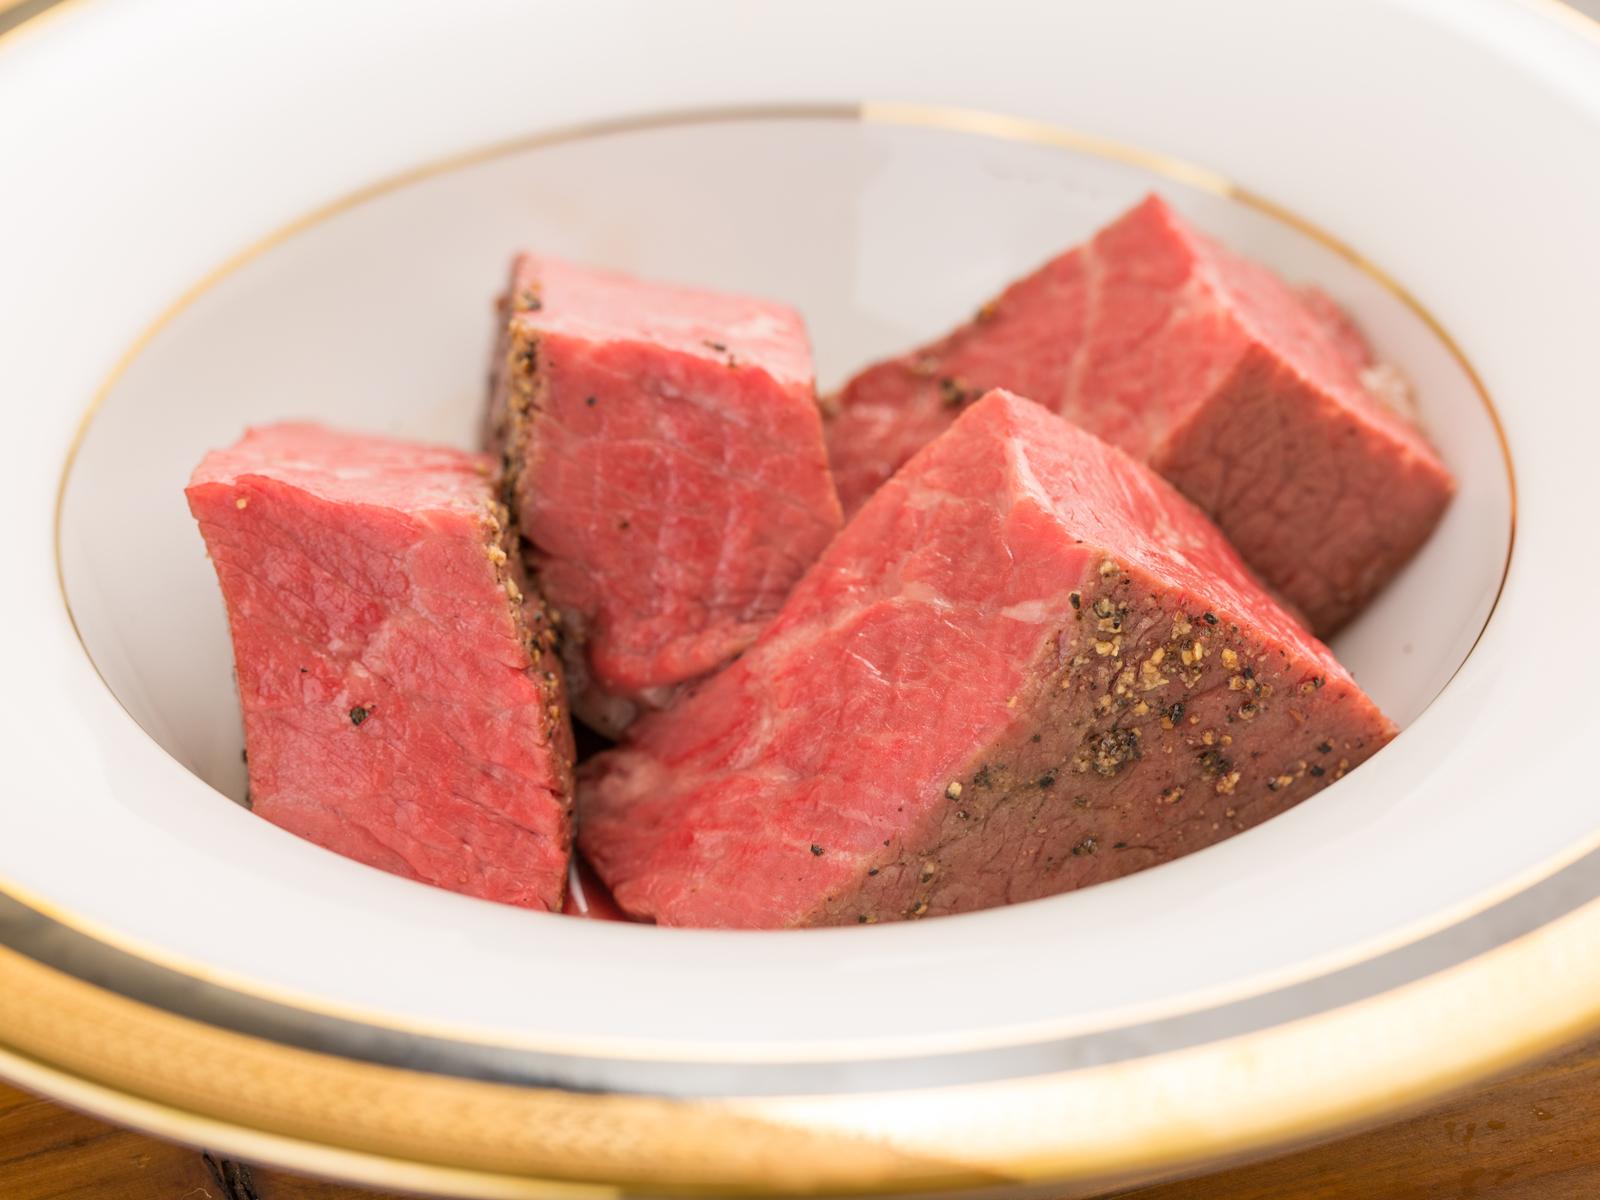 厳選した3種類の赤身和牛を軸に、体験したことのない新しい調理法で焼肉店の頂点を目指す。